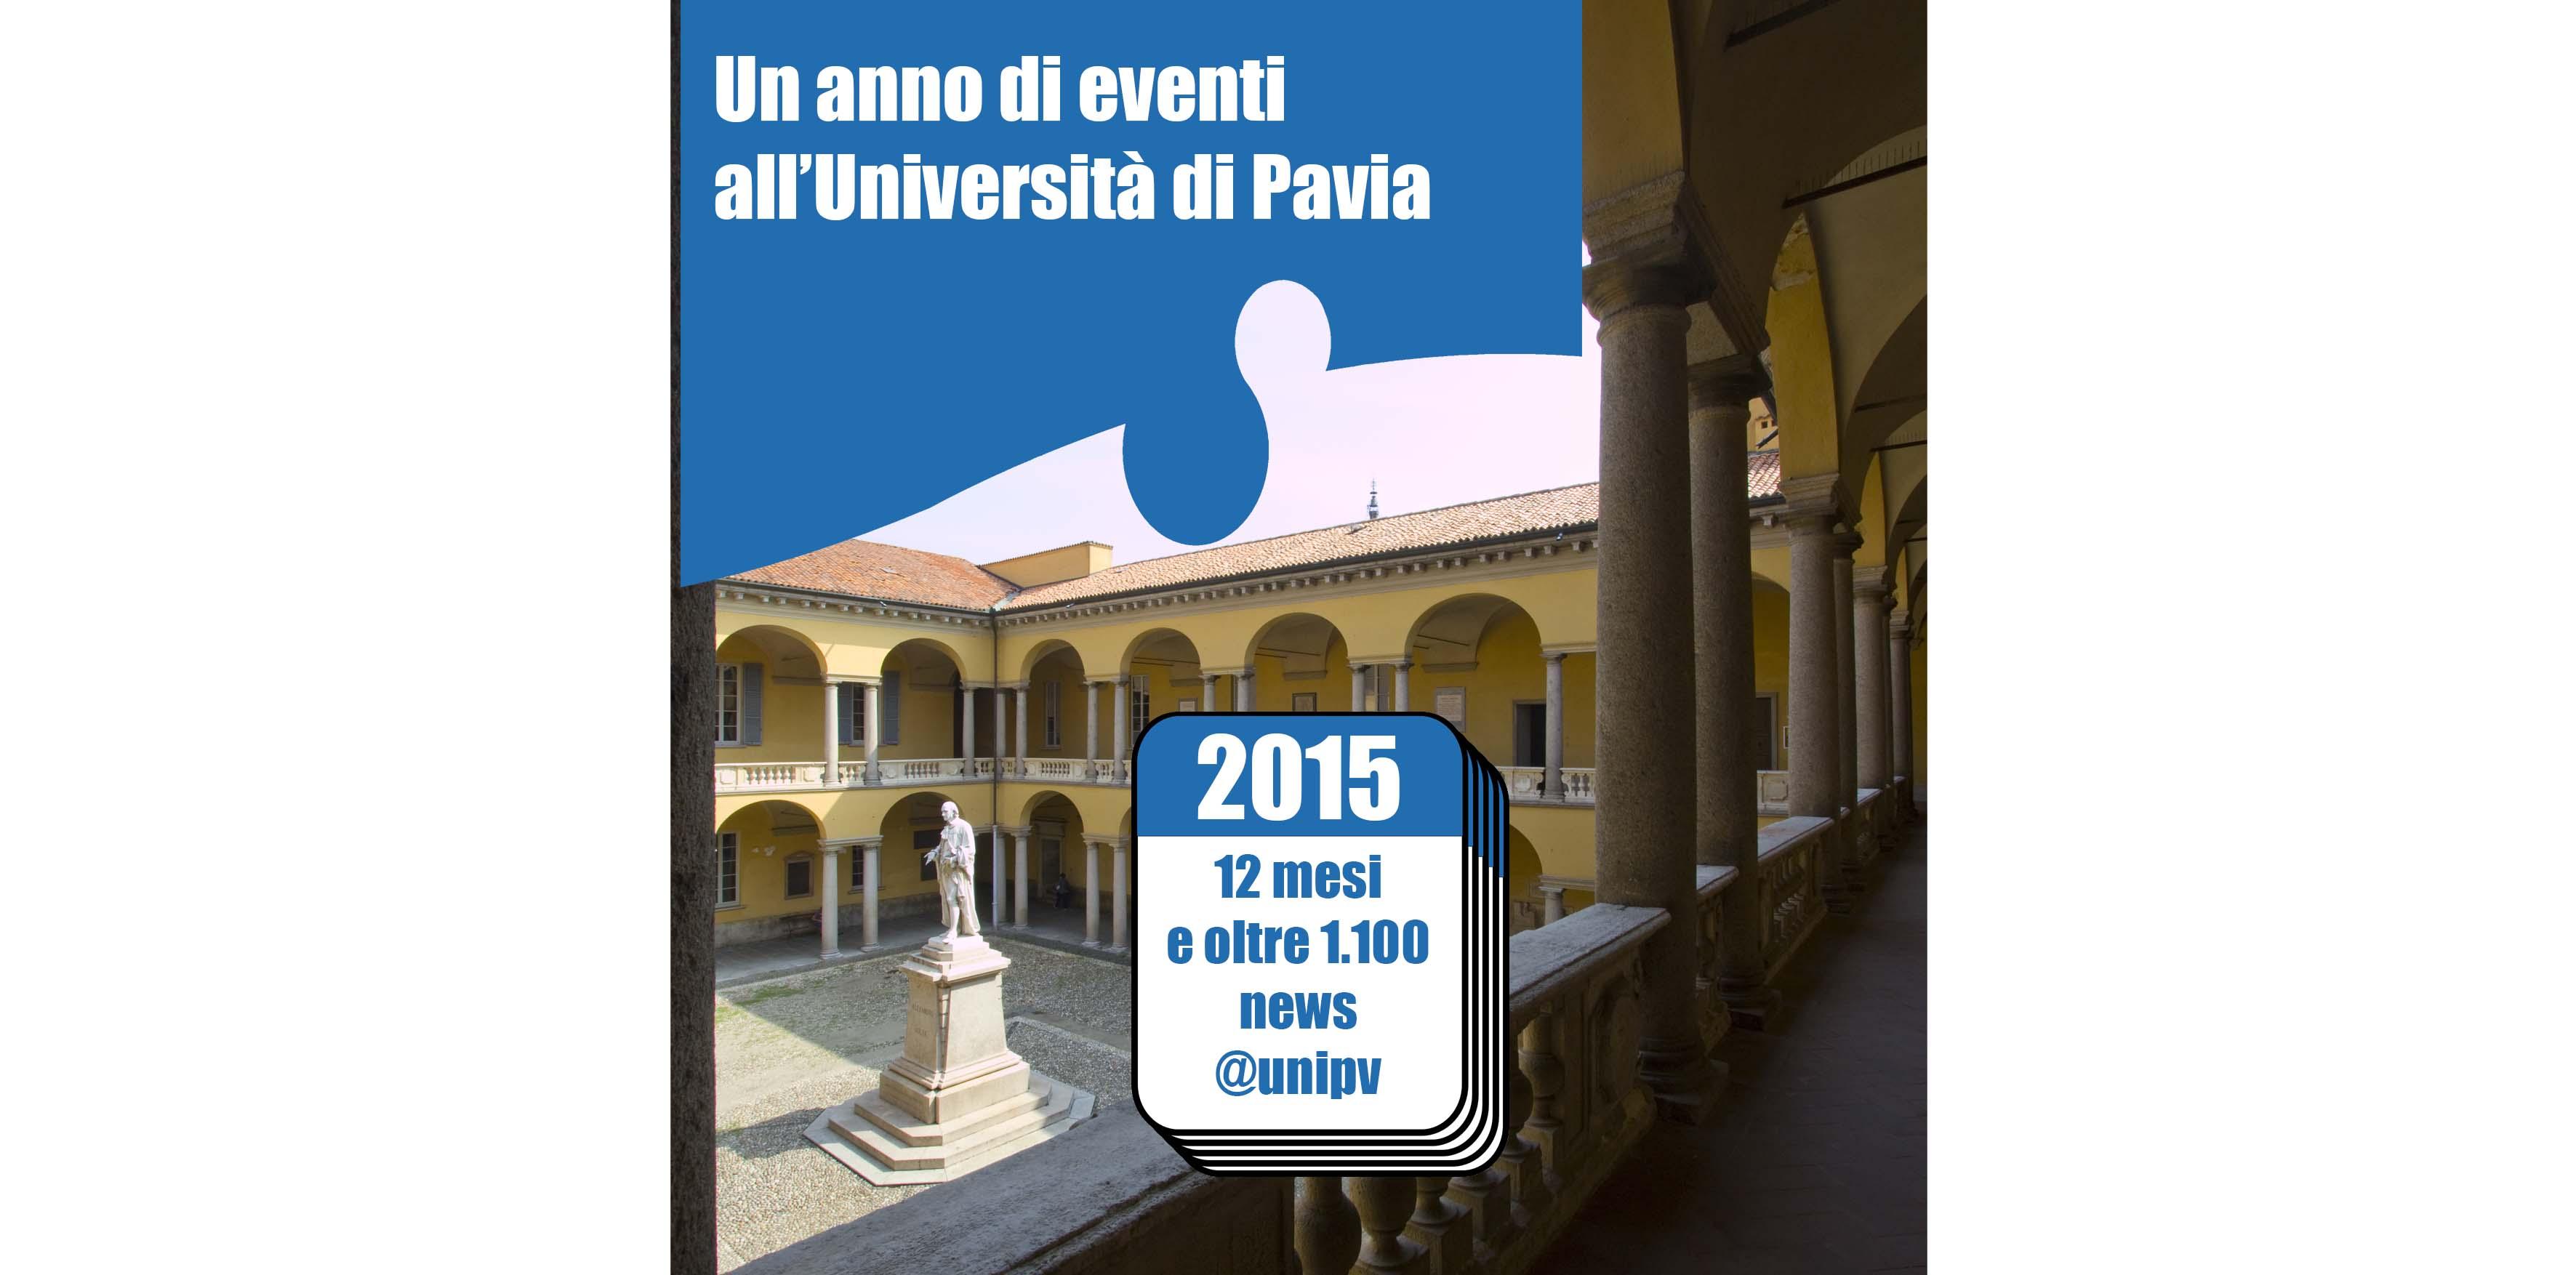 2015: un anno straordinario, cioè un anno… normale per l'Università di Pavia